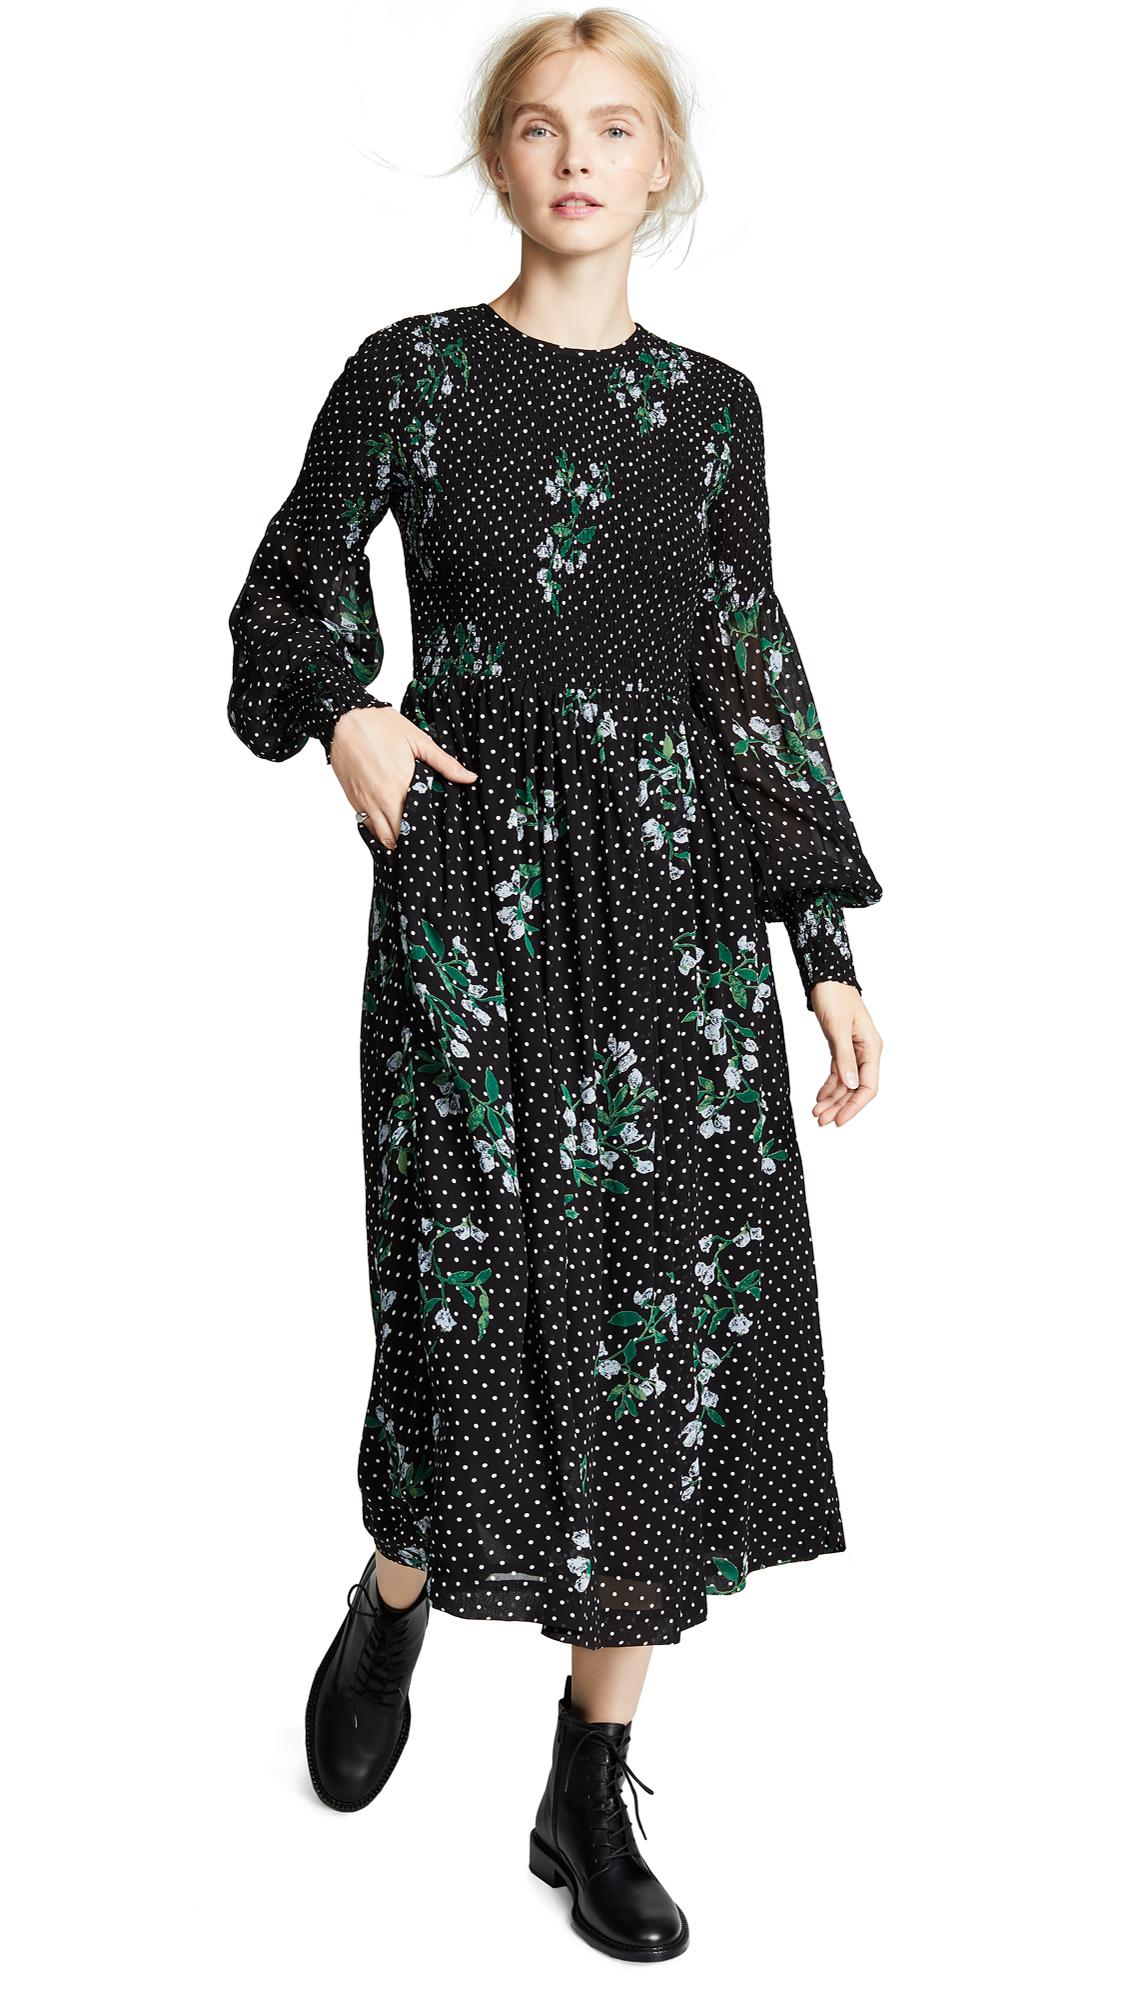 Ganni Rometty Dress In Black